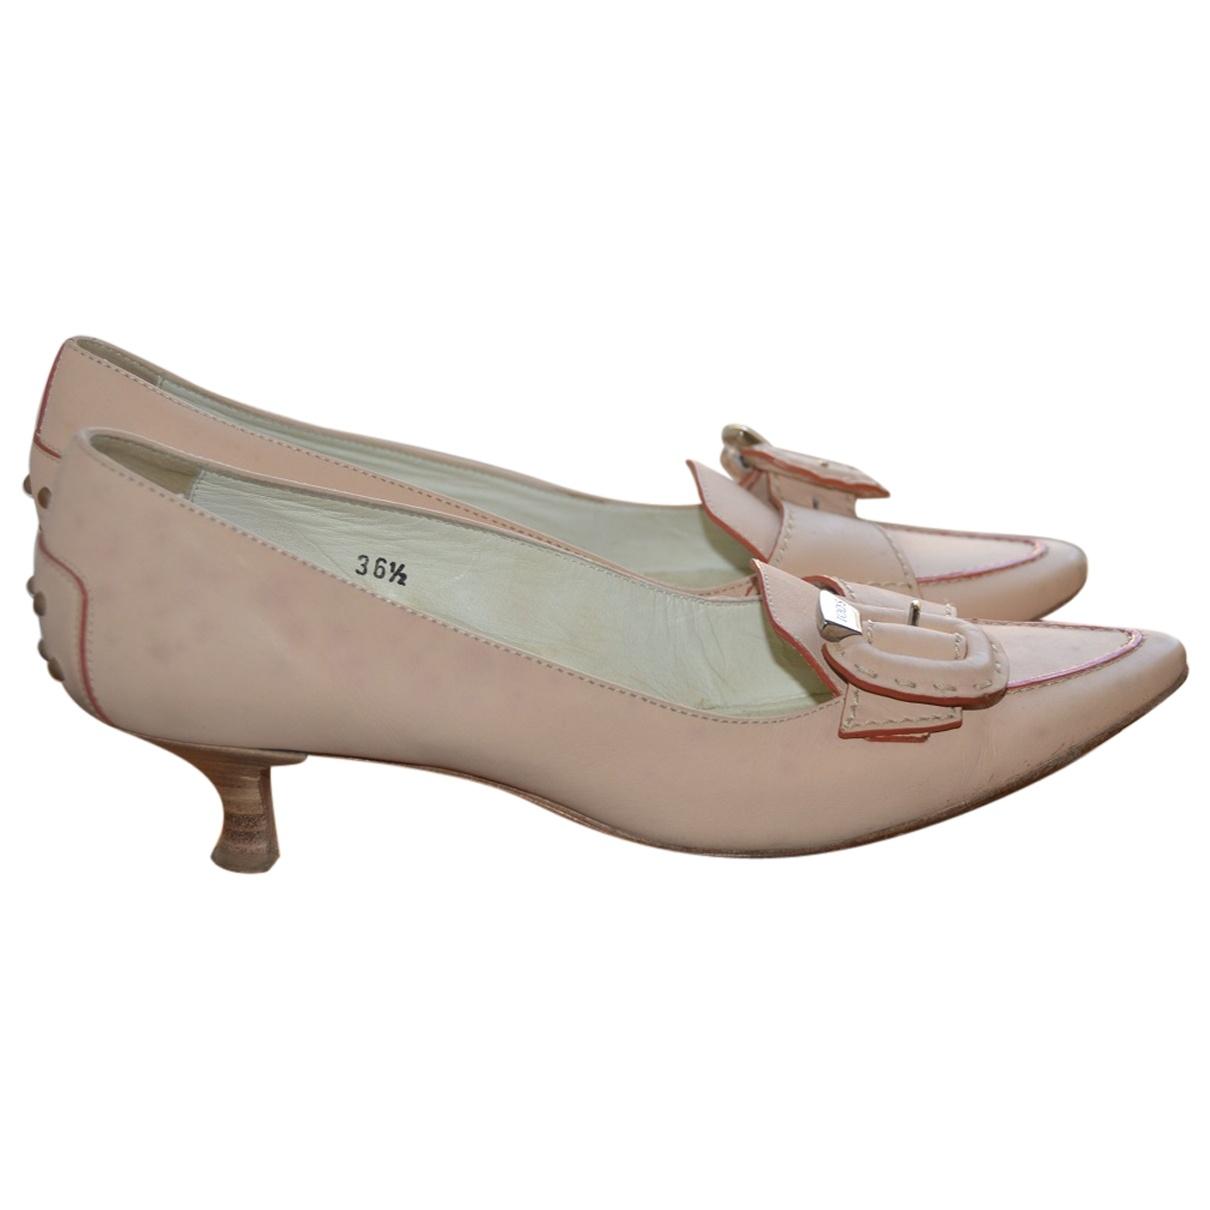 Tod's \N Beige Suede Heels for Women 36.5 IT